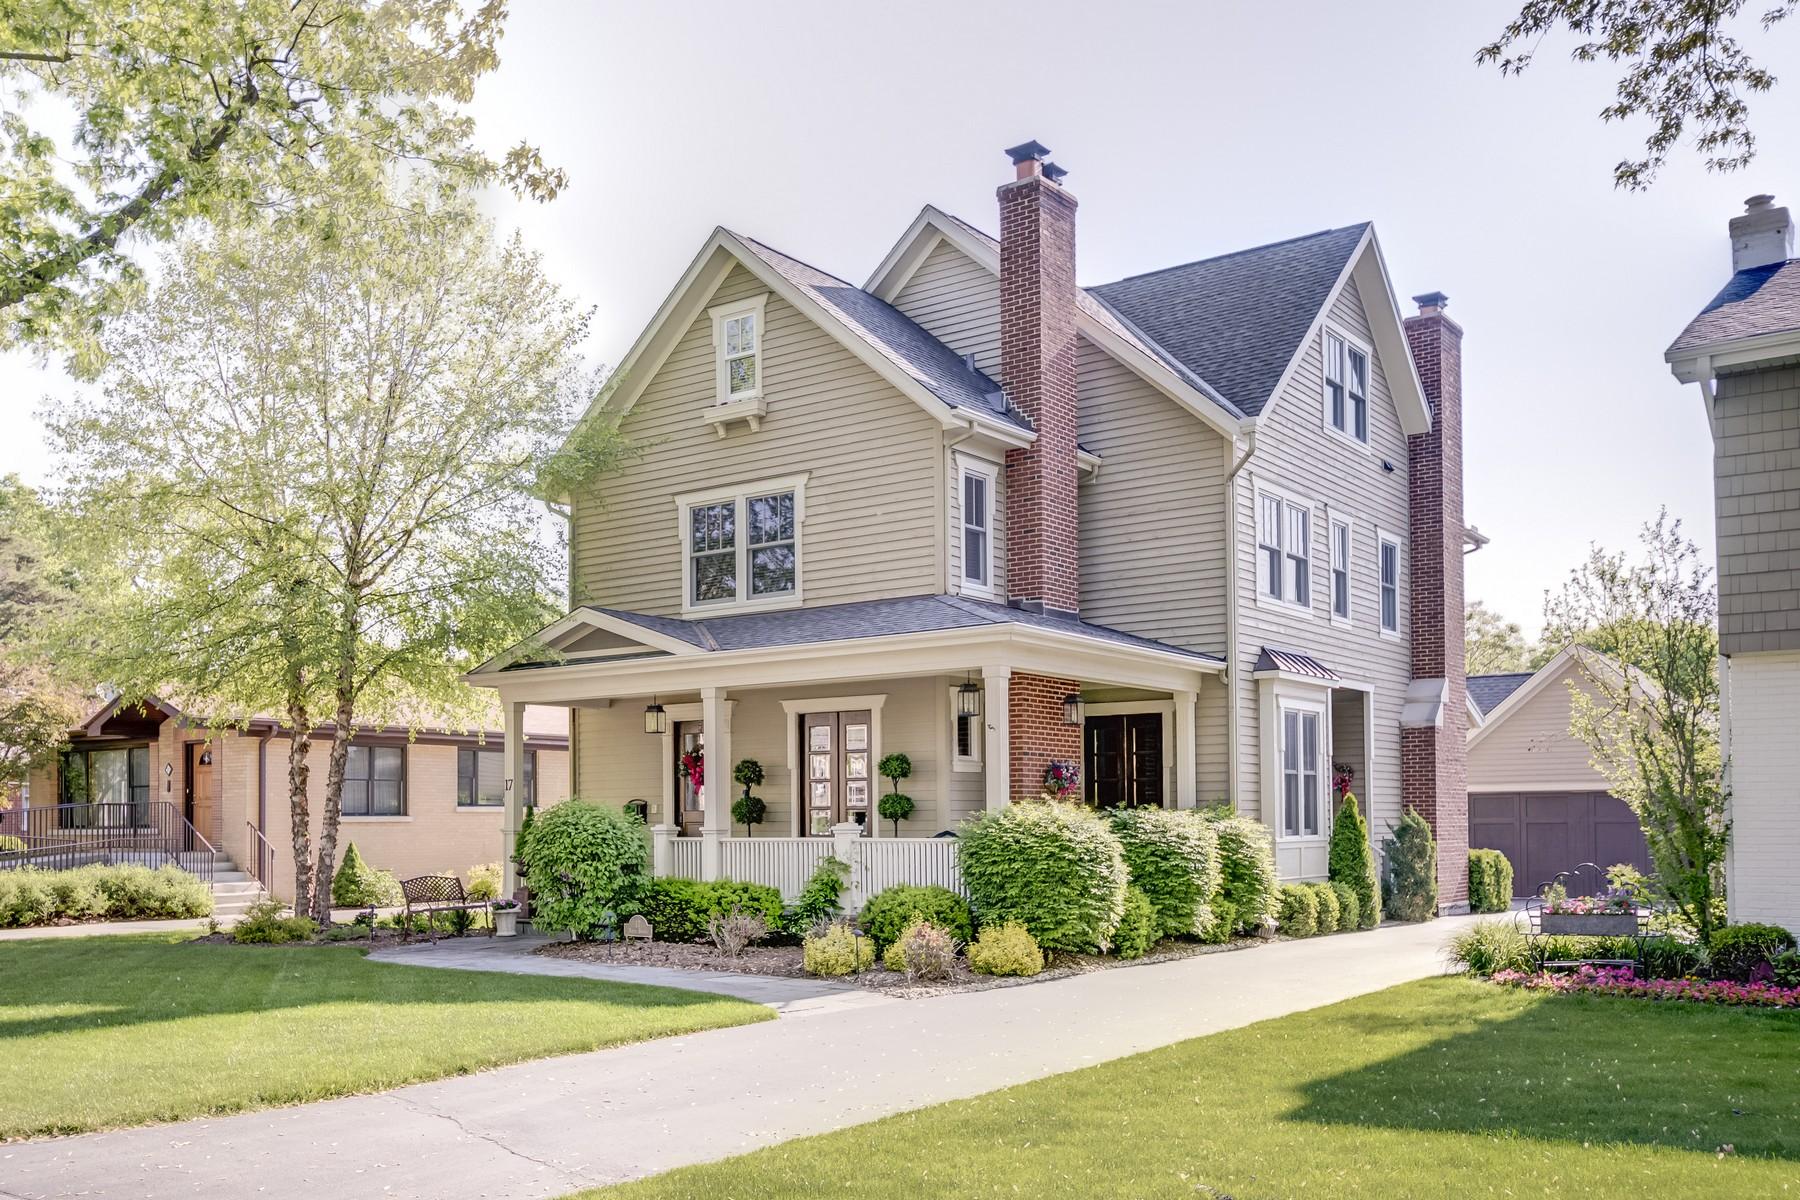 獨棟家庭住宅 為 出售 在 Charming Hinsdale Home 17 N Bruner Street Hinsdale, 伊利諾斯州, 60521 美國